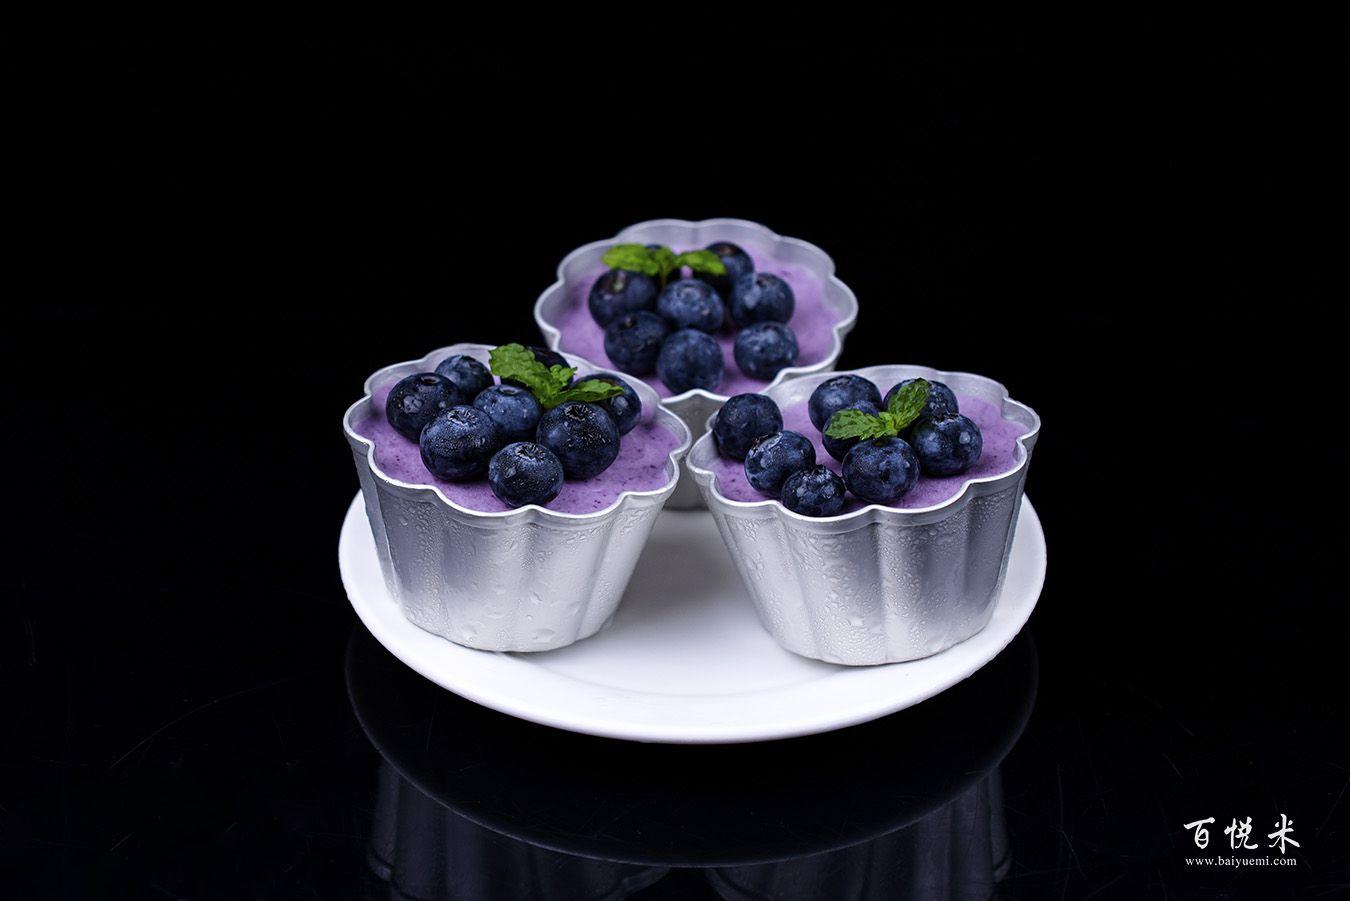 蓝莓冻芝士蛋糕高清图片大全【蛋糕图片】